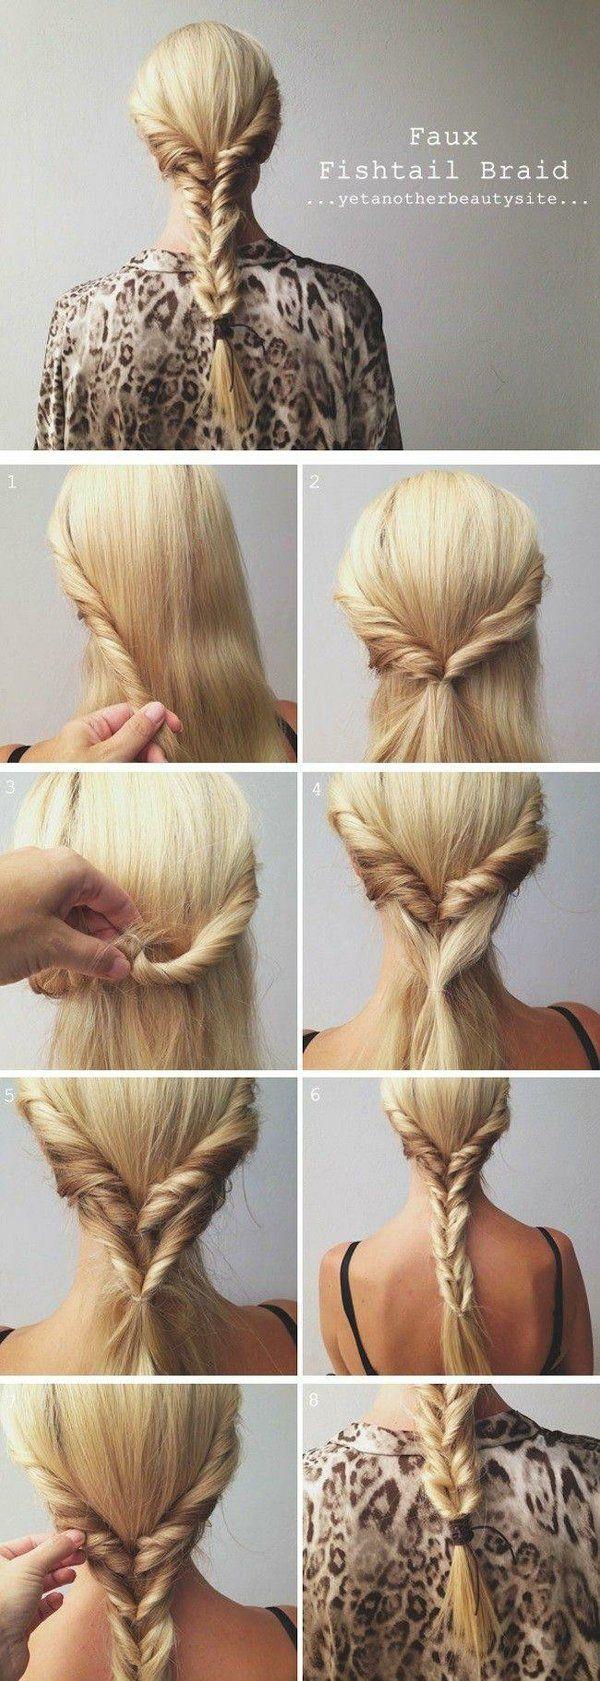 Peinados ideales para otoño El cabello forma una parte importante de la esencia de cada mujer, si a ti te encanta tu cabello hay que lucirlo, puedes hacerlo de diferentes maneras y sin importar la estación del año en la que te encuentres, ya que muchos dicen que en verano solo se usan las trenzas o los recogidos, ¡claro que no! Tu puedes usarlos cuando te sientas mas a gusto con ellos, por eso el ...